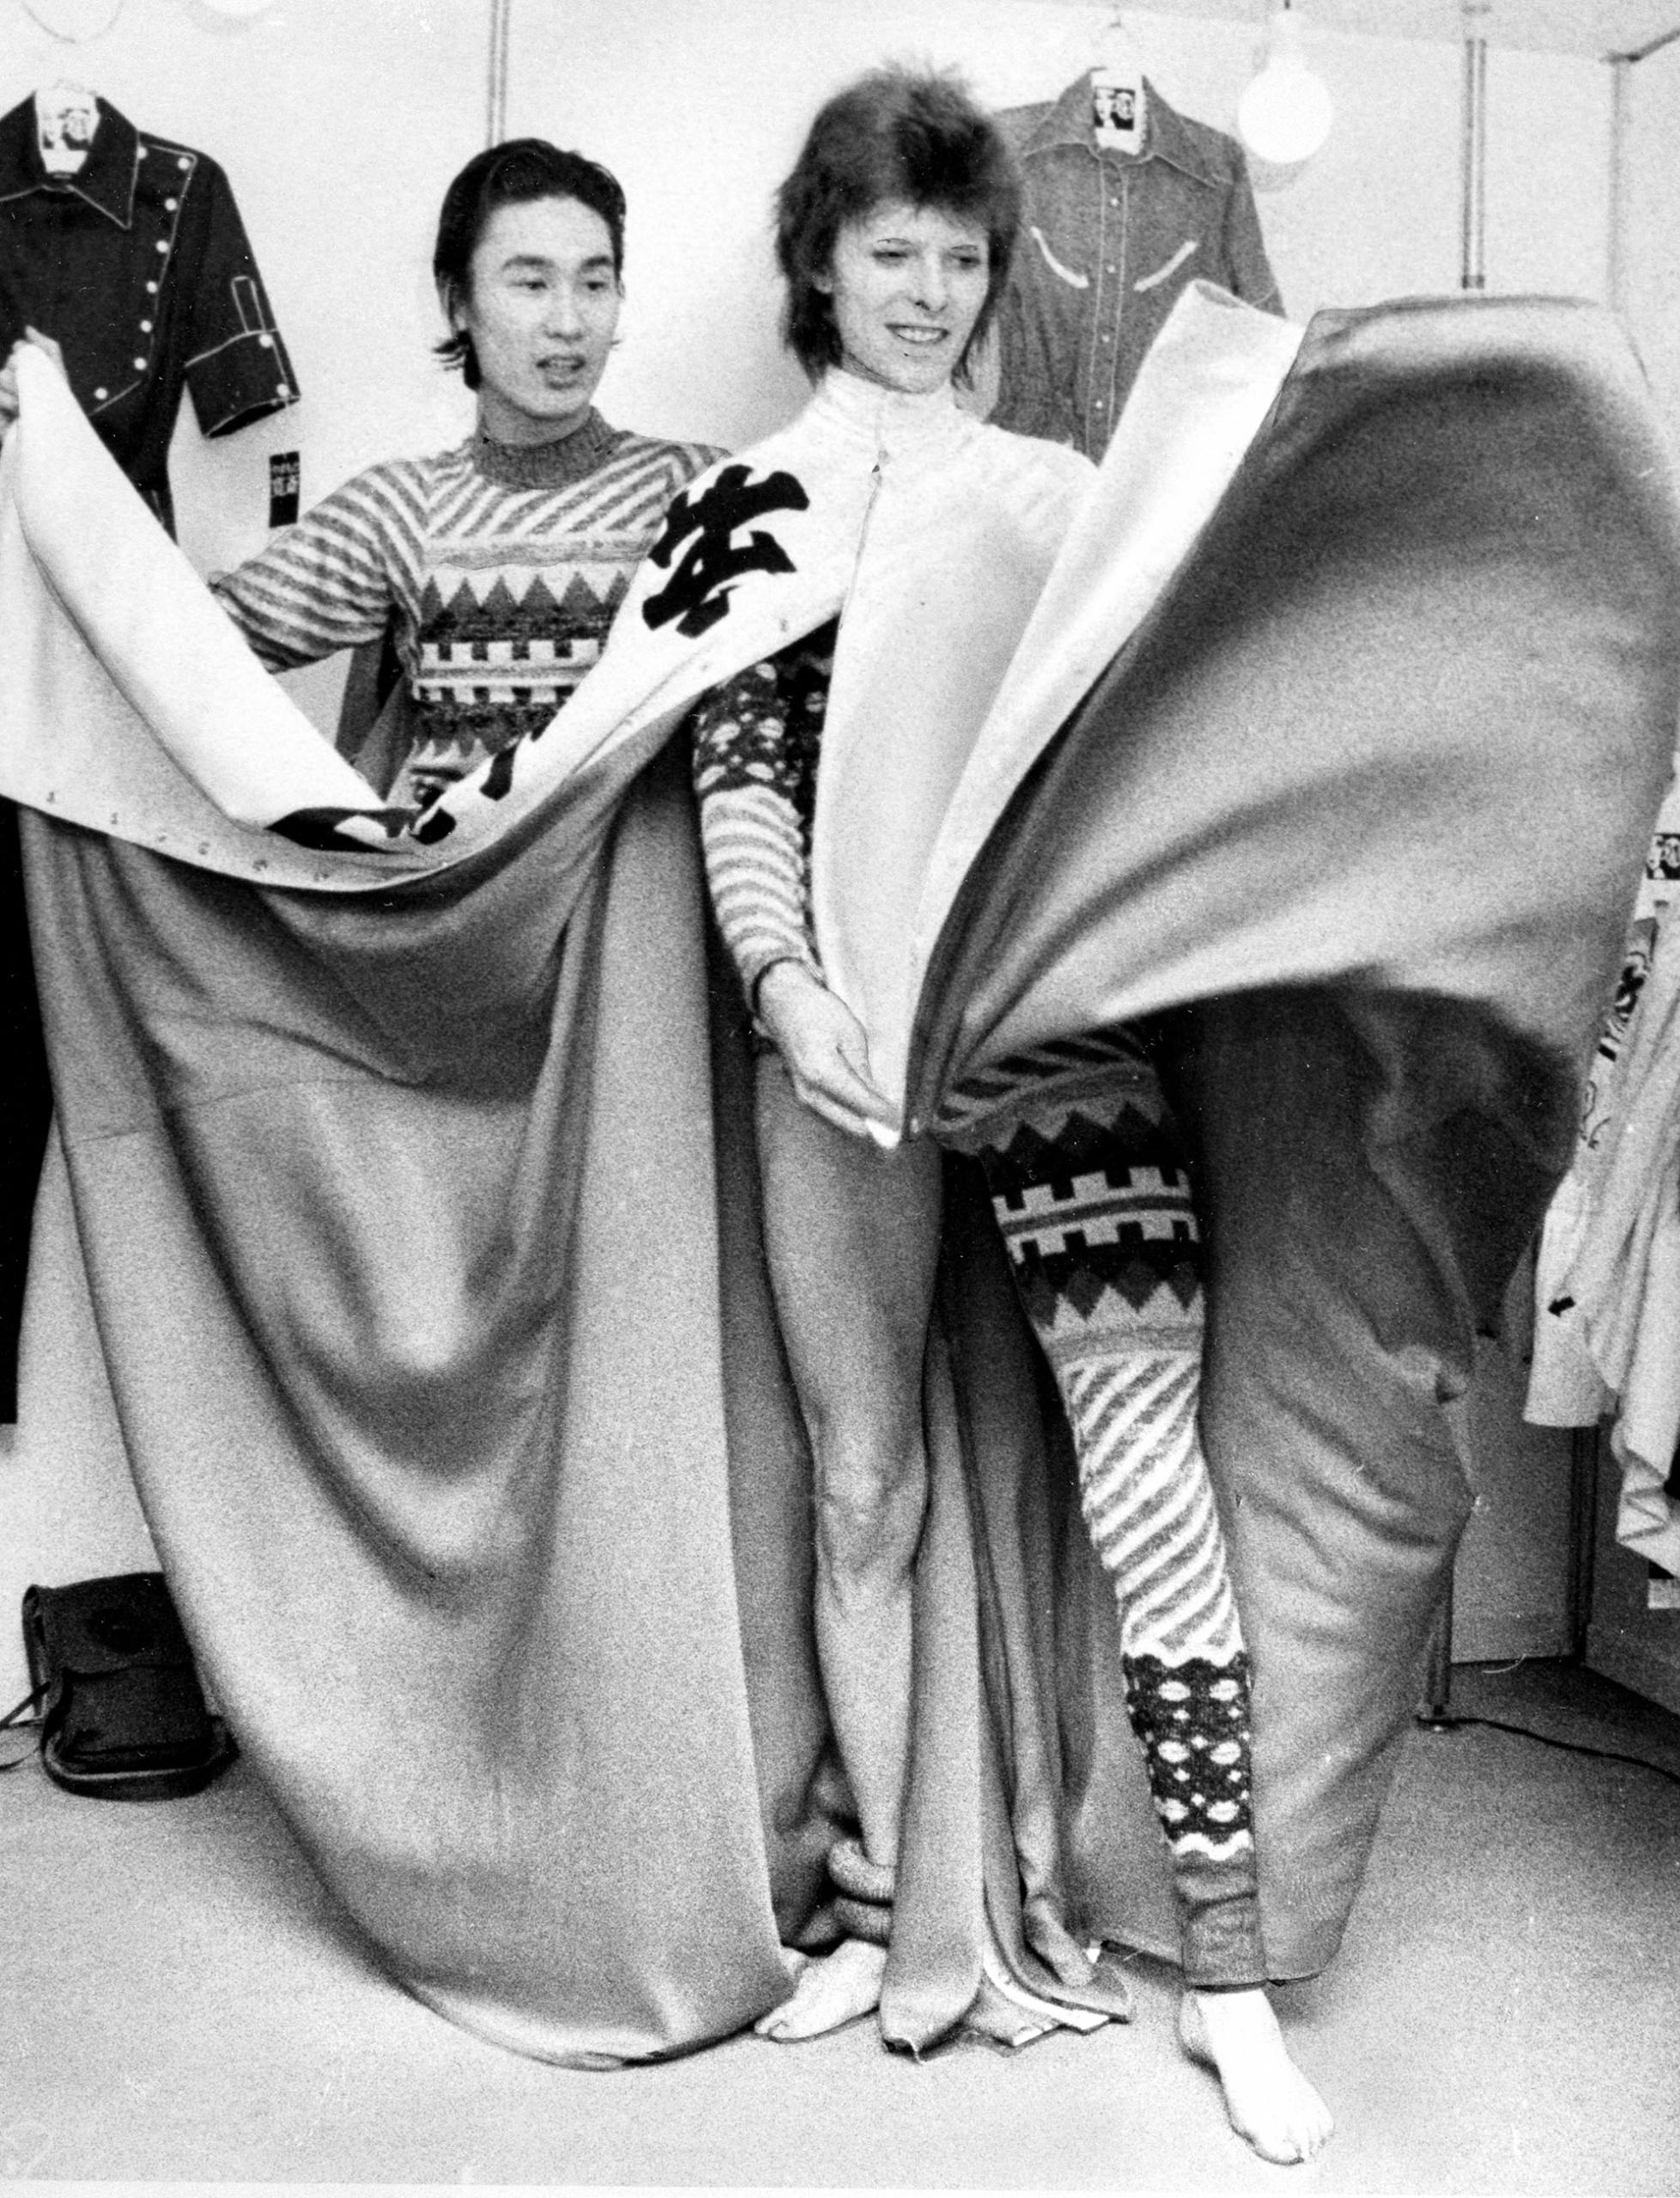 Fallece Kansai Yamamoto: 5 cosas que debes saber sobre el icónico diseñador que convirtió a David Bowie en Ziggy Stardust